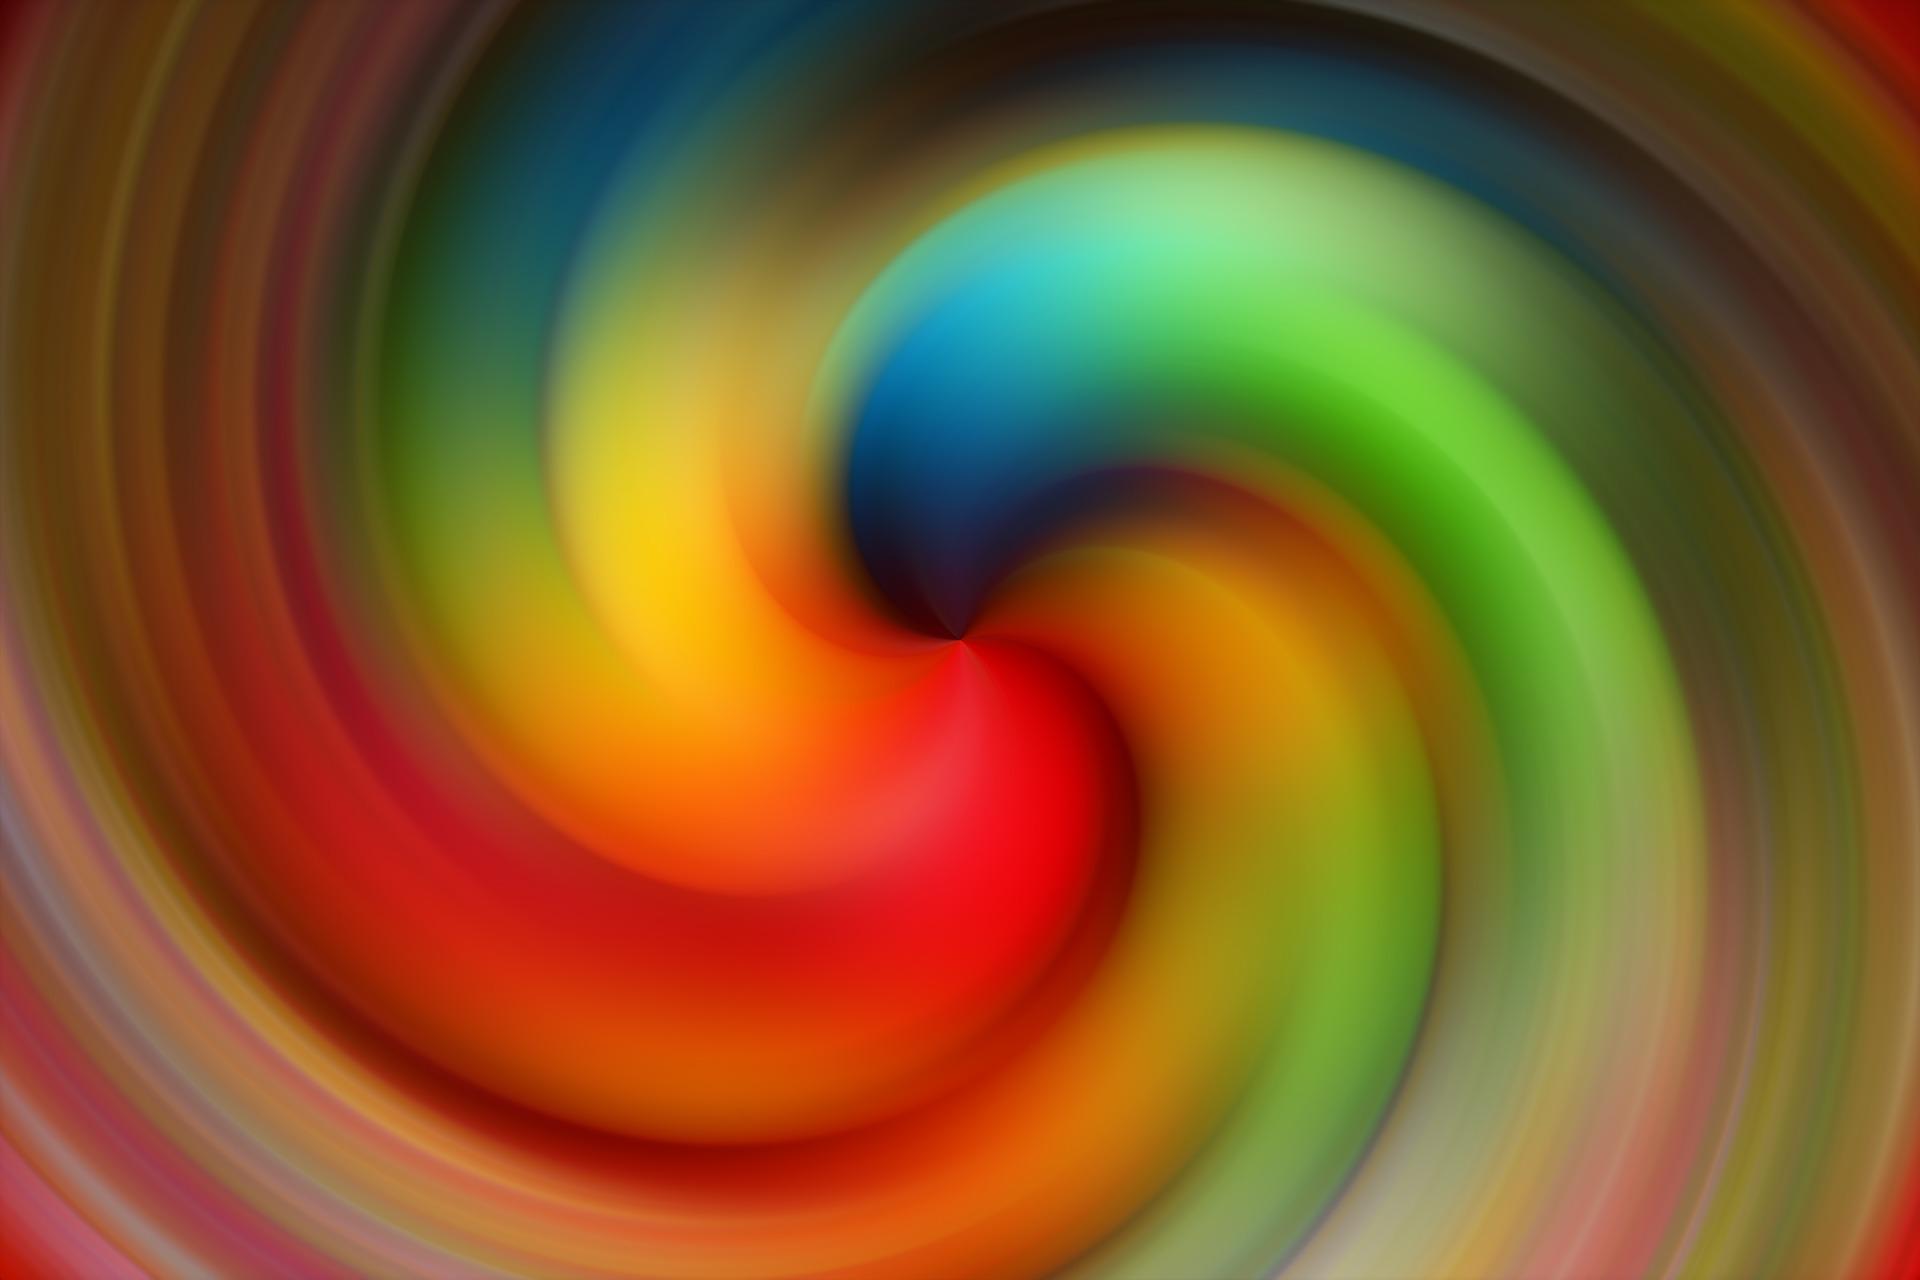 Die Krise verstehen mit Spiral Dynamics - Soulfit - Tina Wiegand - pixabay - geralt